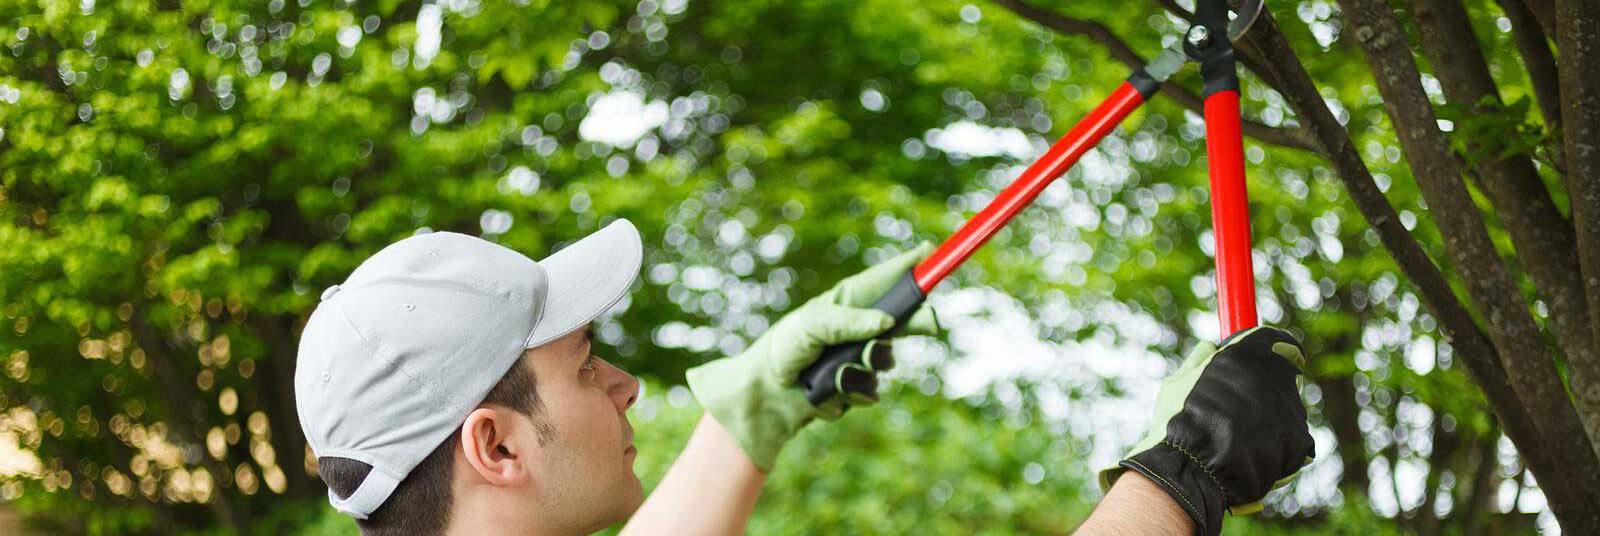 Gartenarbeiten U2022 Garten  Und Landschaftsbau Ludger Diesch